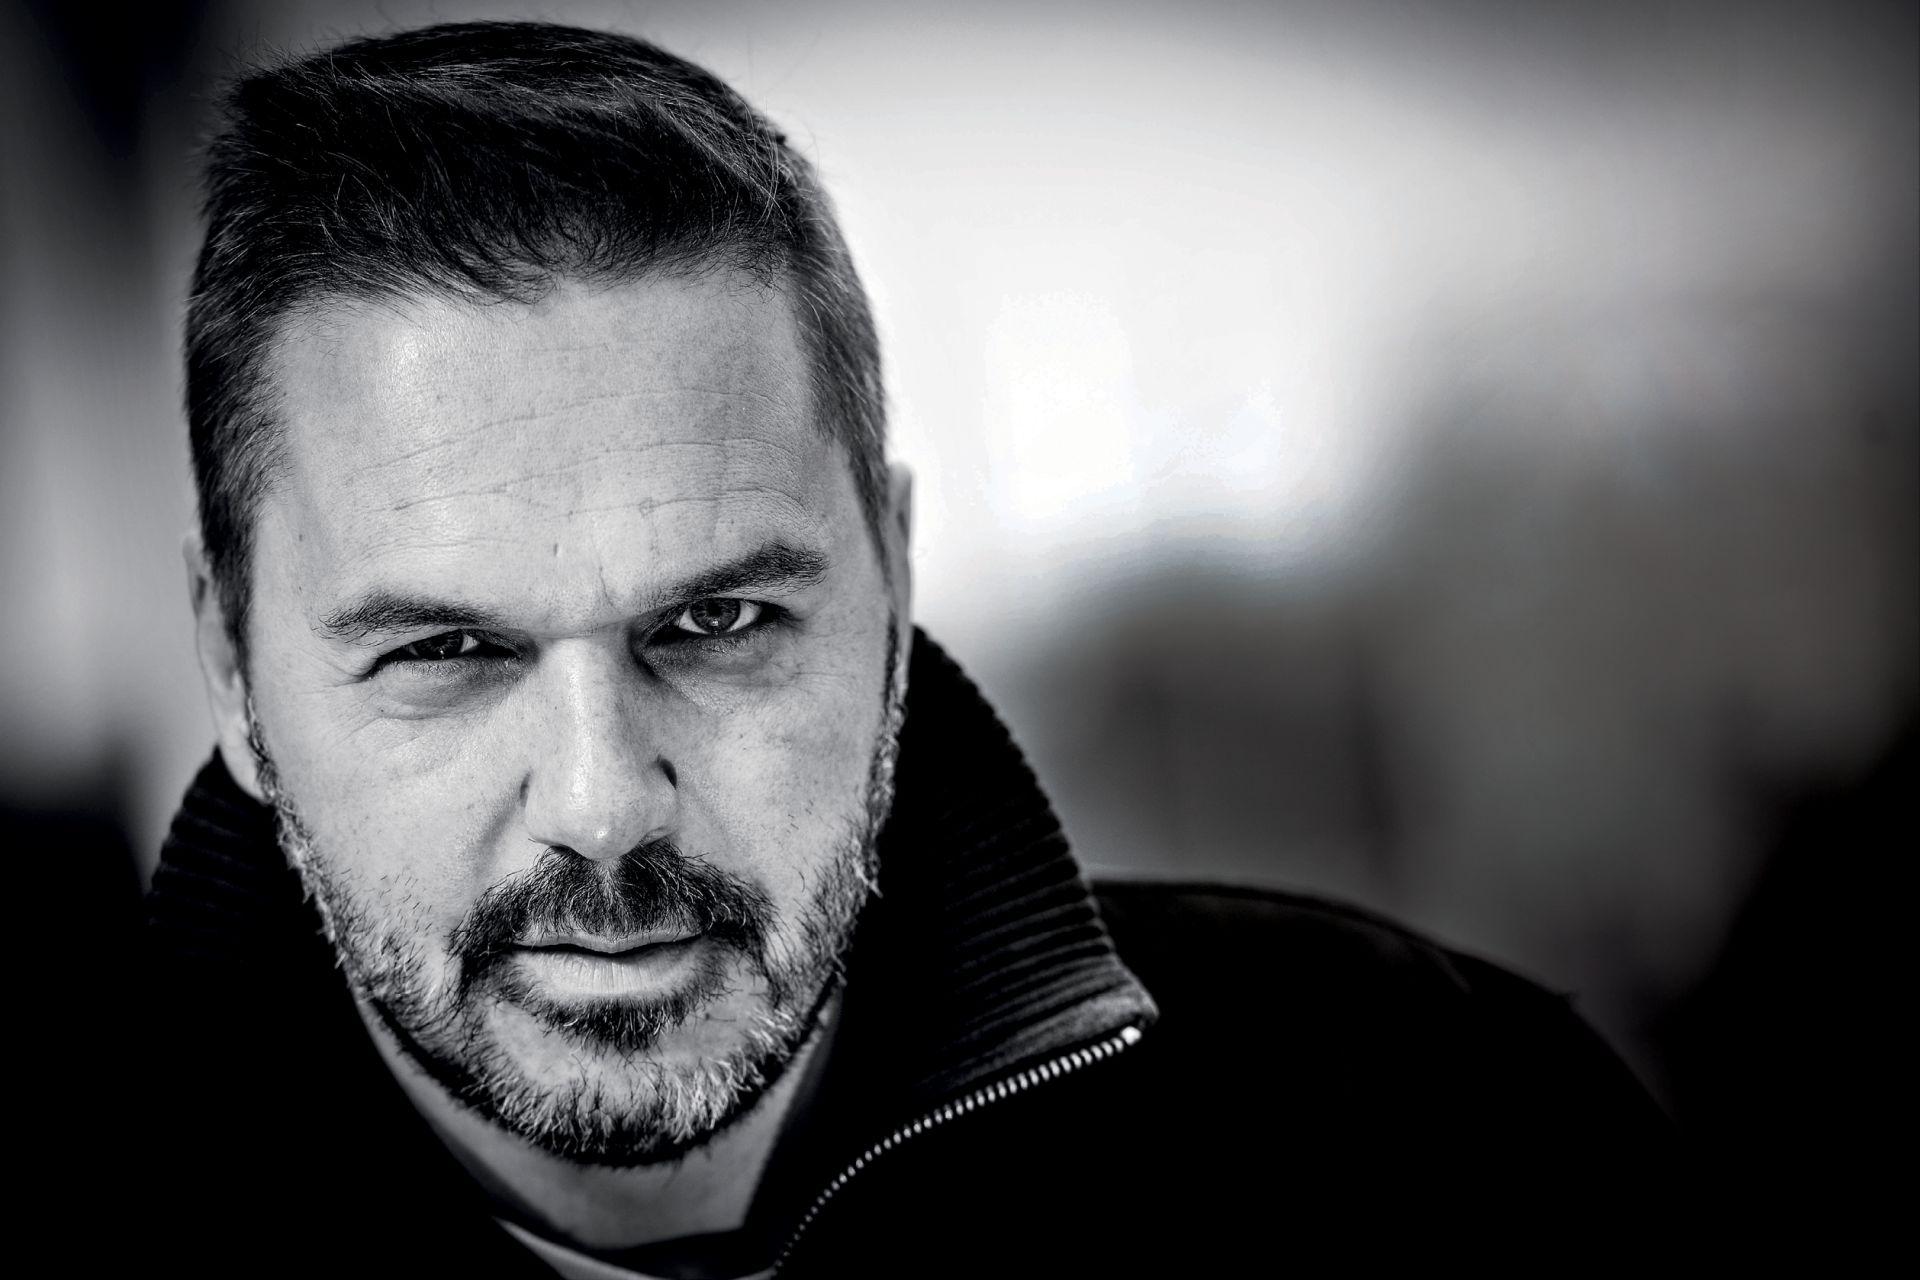 INTERVIEW: PETAR ŠTEFANIĆ 'Čovjeka su na Mjesec poslali, ali rješenje za javnu televiziju u Hrvatskoj nitko još nije našao'